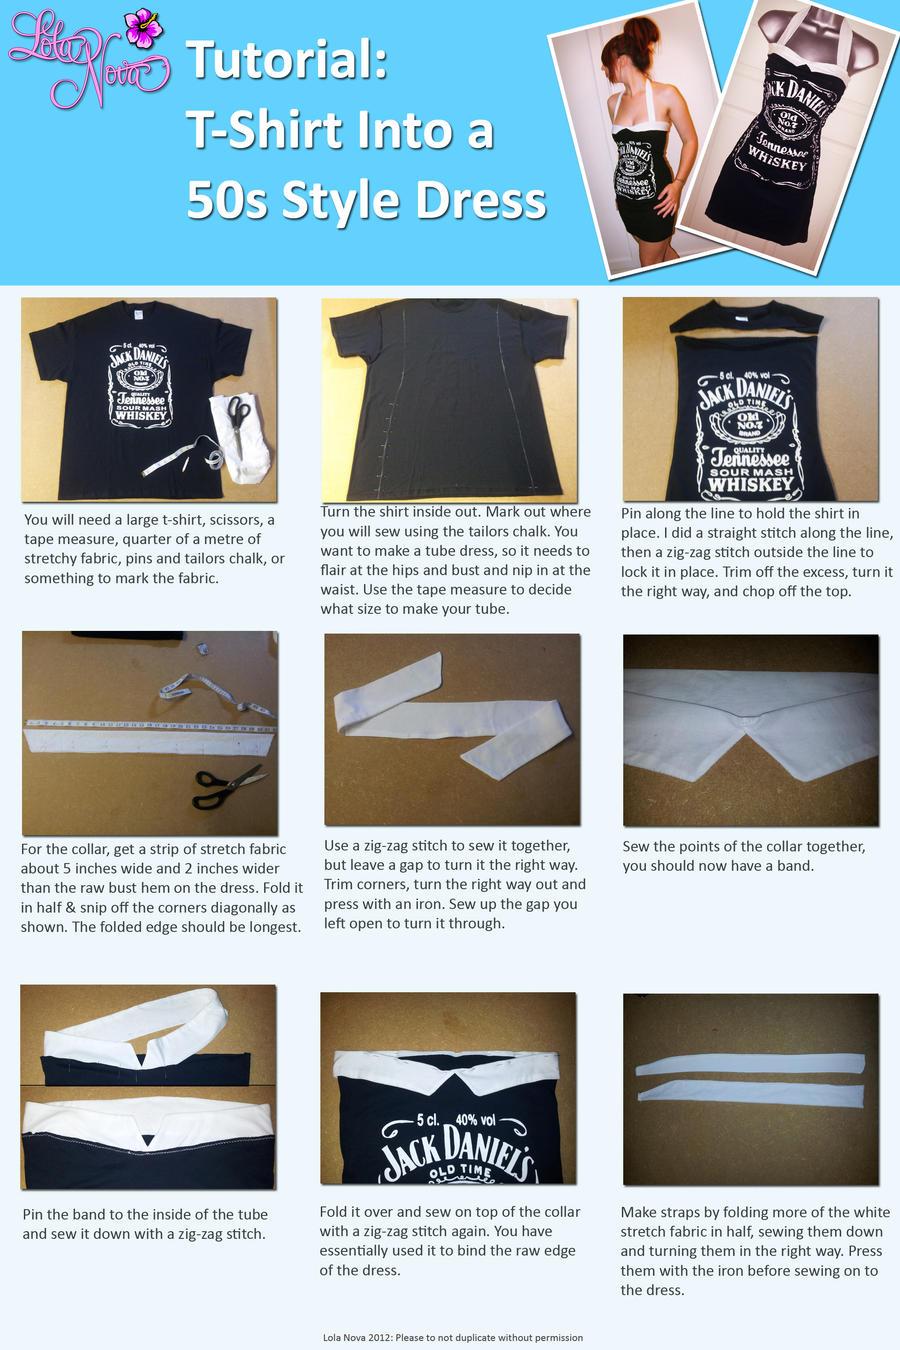 T Shirt into 50s Dress Upcycle DIY Tutorial by Lolanova